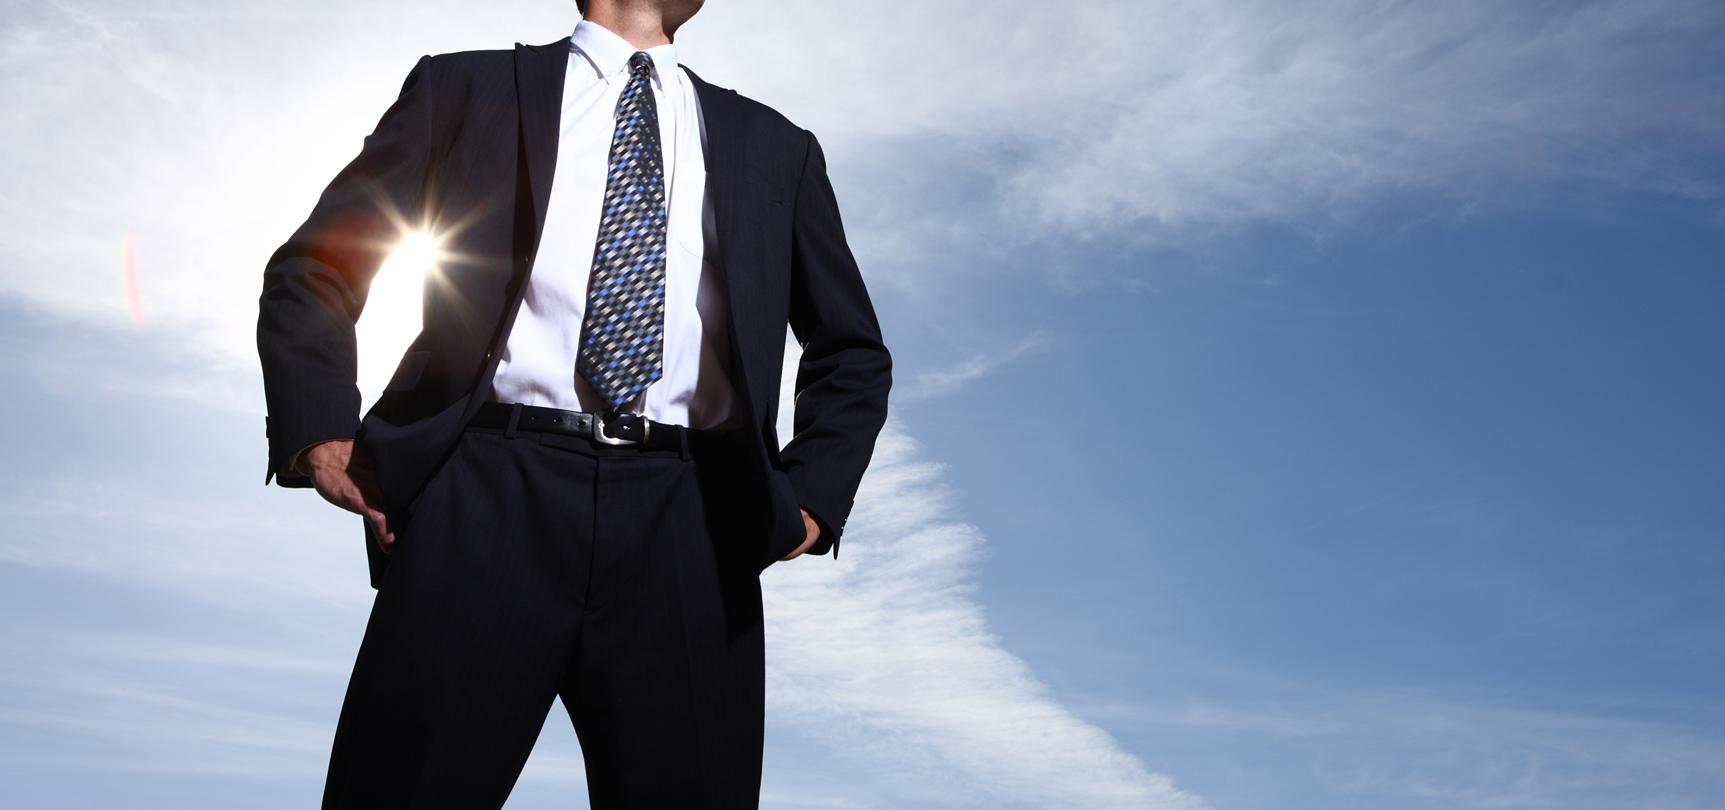 چگونه یک رهبر موفق باشیم,رهبران موفق,کسب و کار